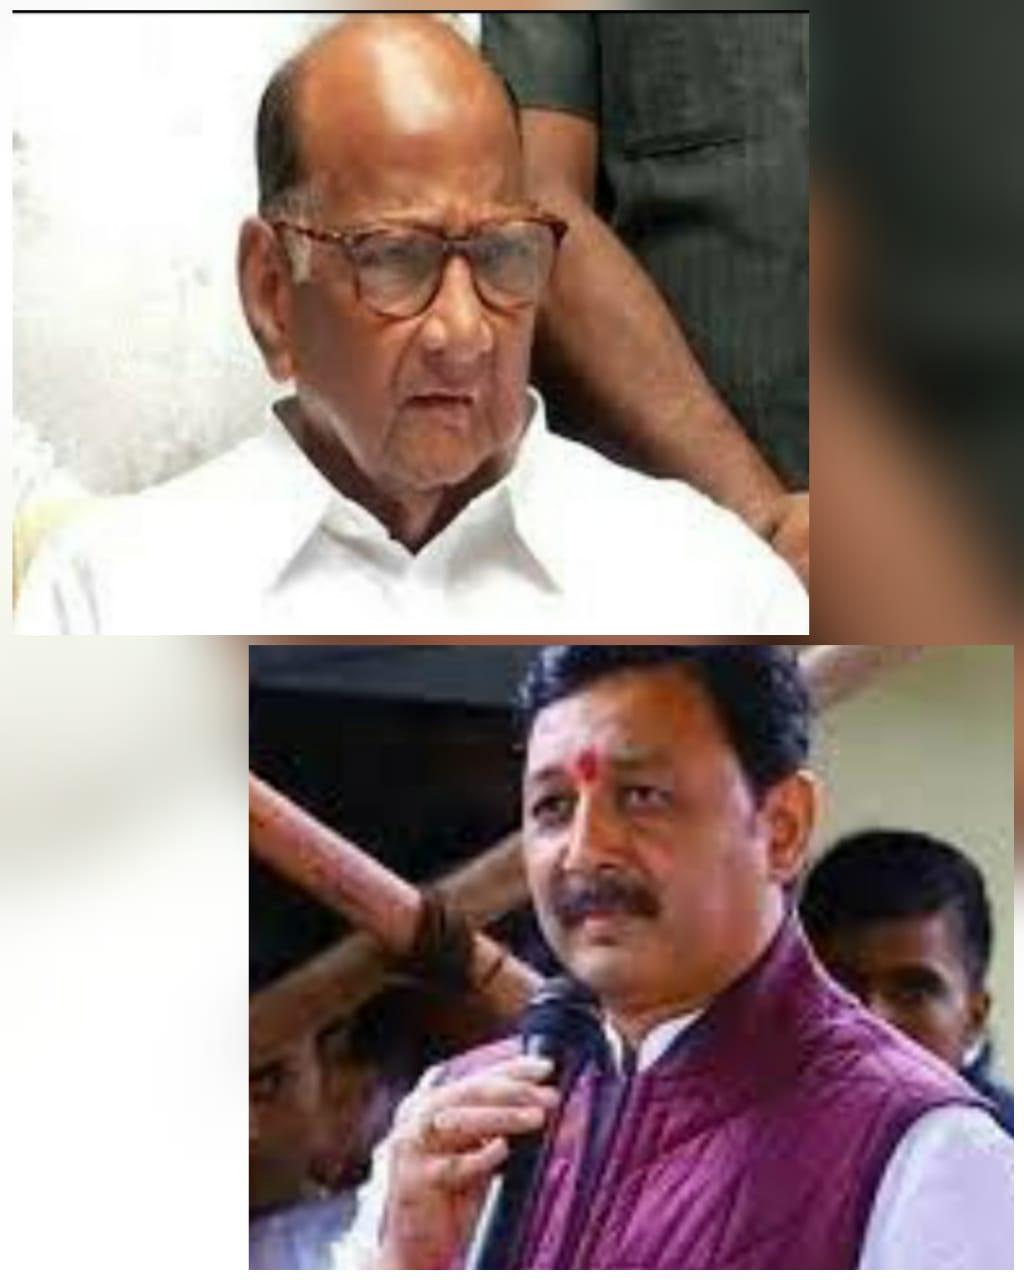 मराठा आरक्षण मुद्दे को लेकर छत्रपति संभाजी राजे भोसले ने NCP अध्यक्ष शरद पवार से मुलाकात की